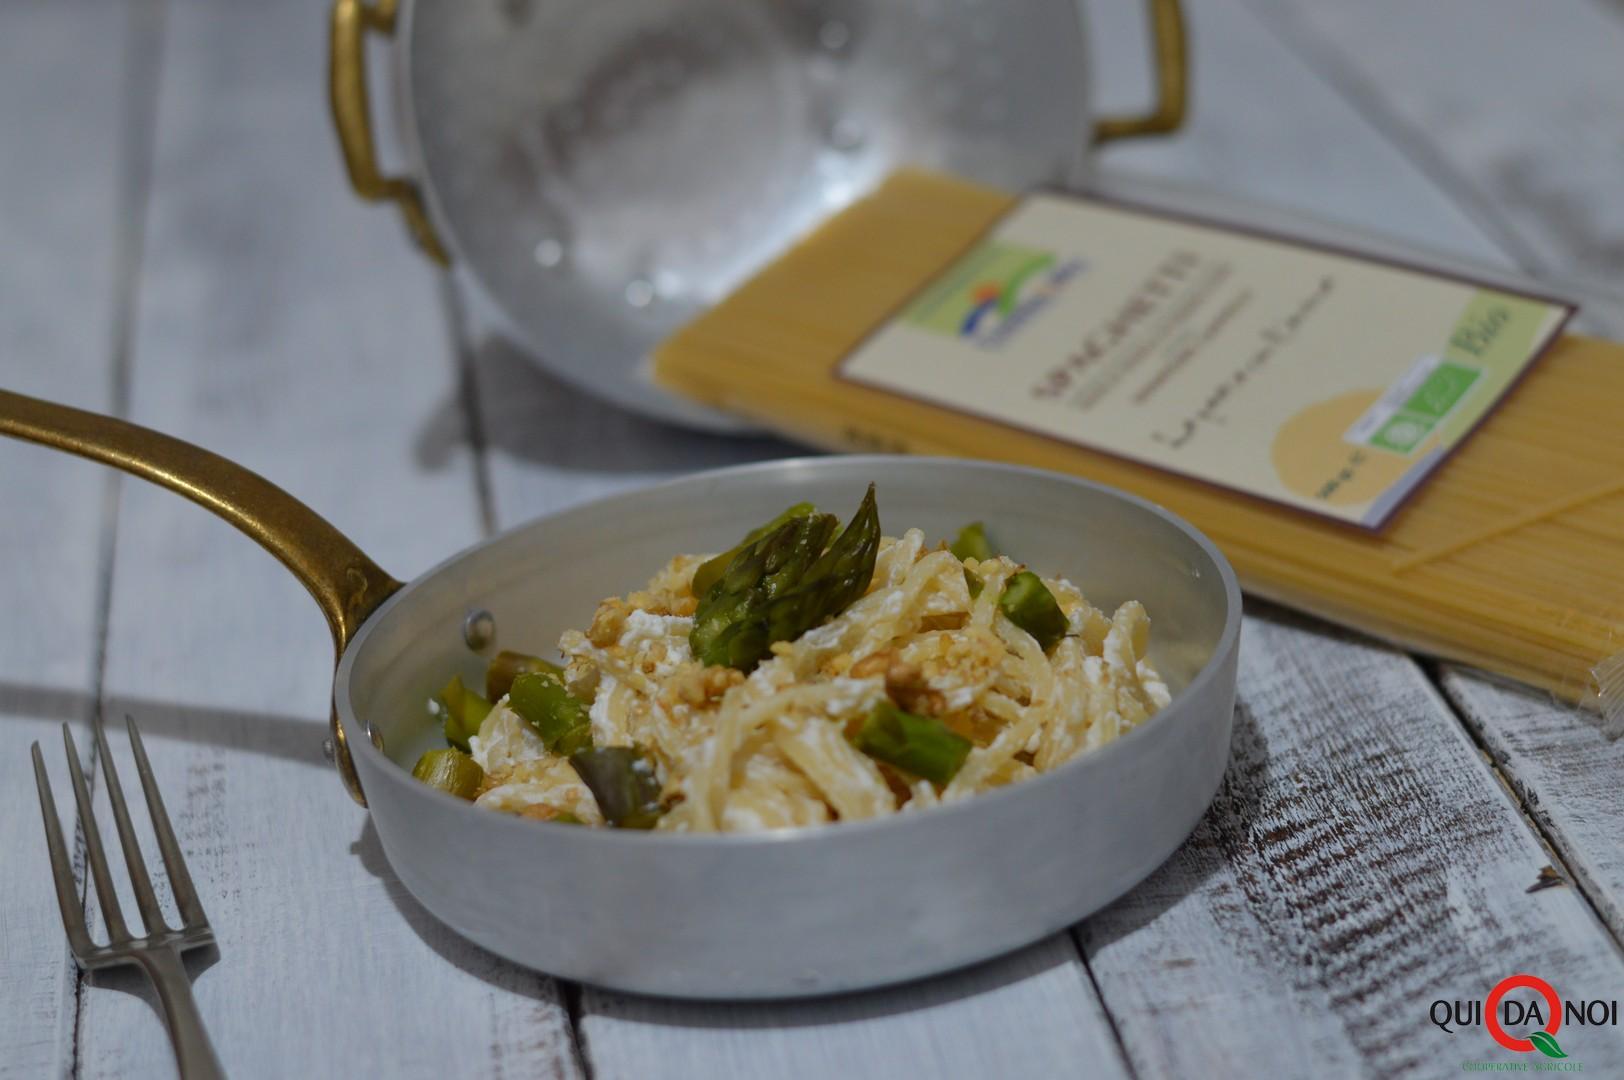 spaghetti alla ricotta con asparagi e noci_monica bendetto